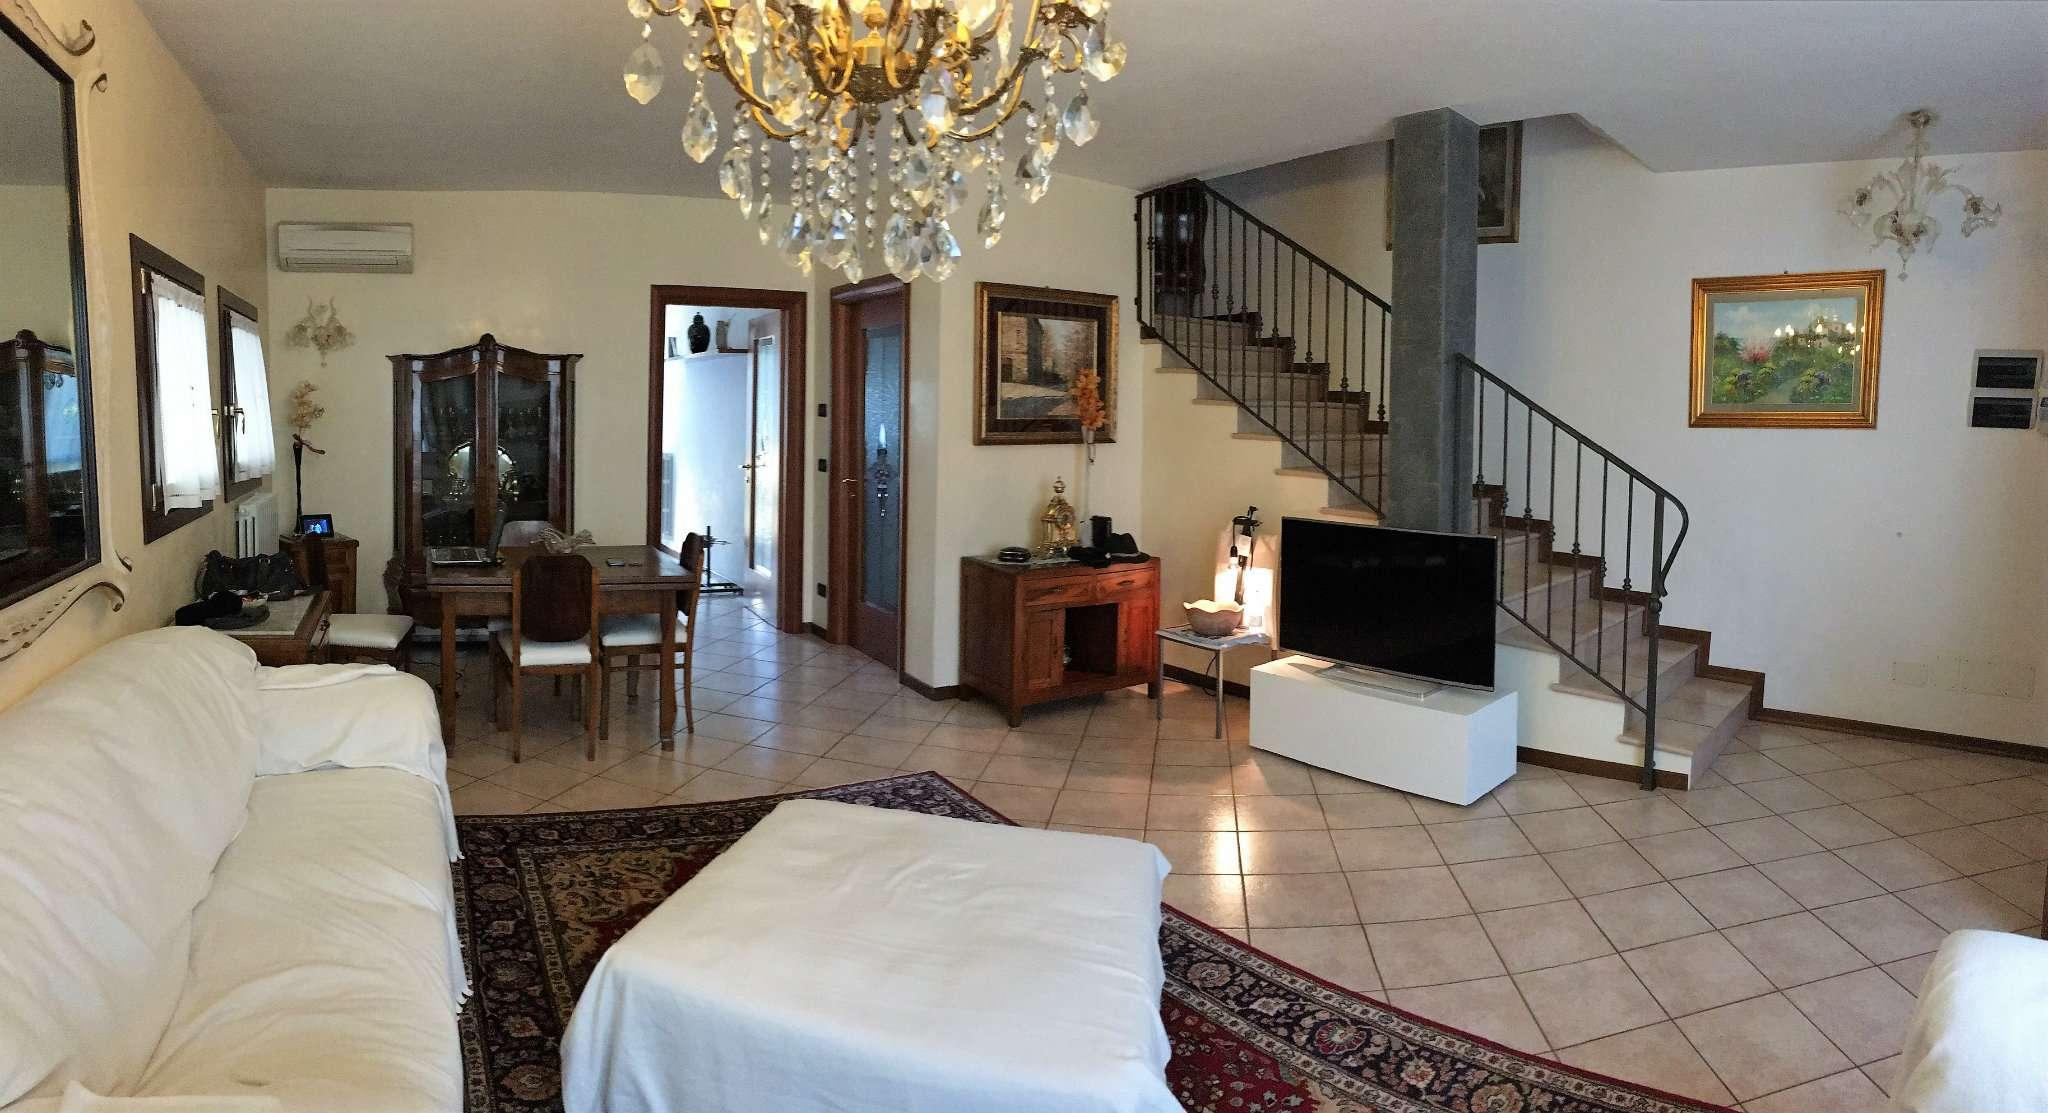 Villa in vendita a Mirano, 6 locali, prezzo € 295.000 | Cambio Casa.it